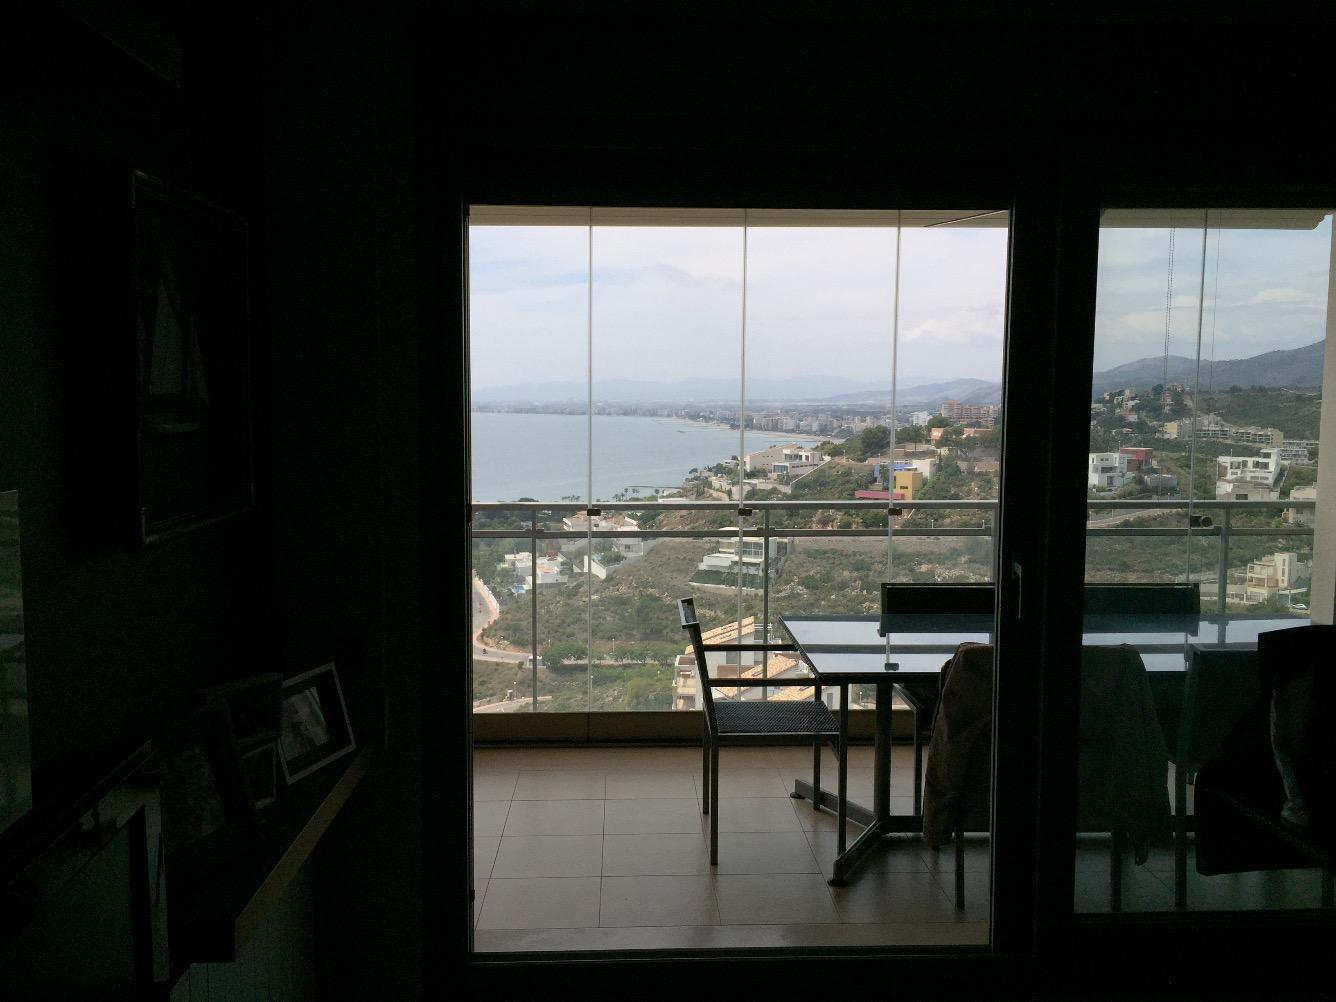 apartamento en venta en torre bellver salon5